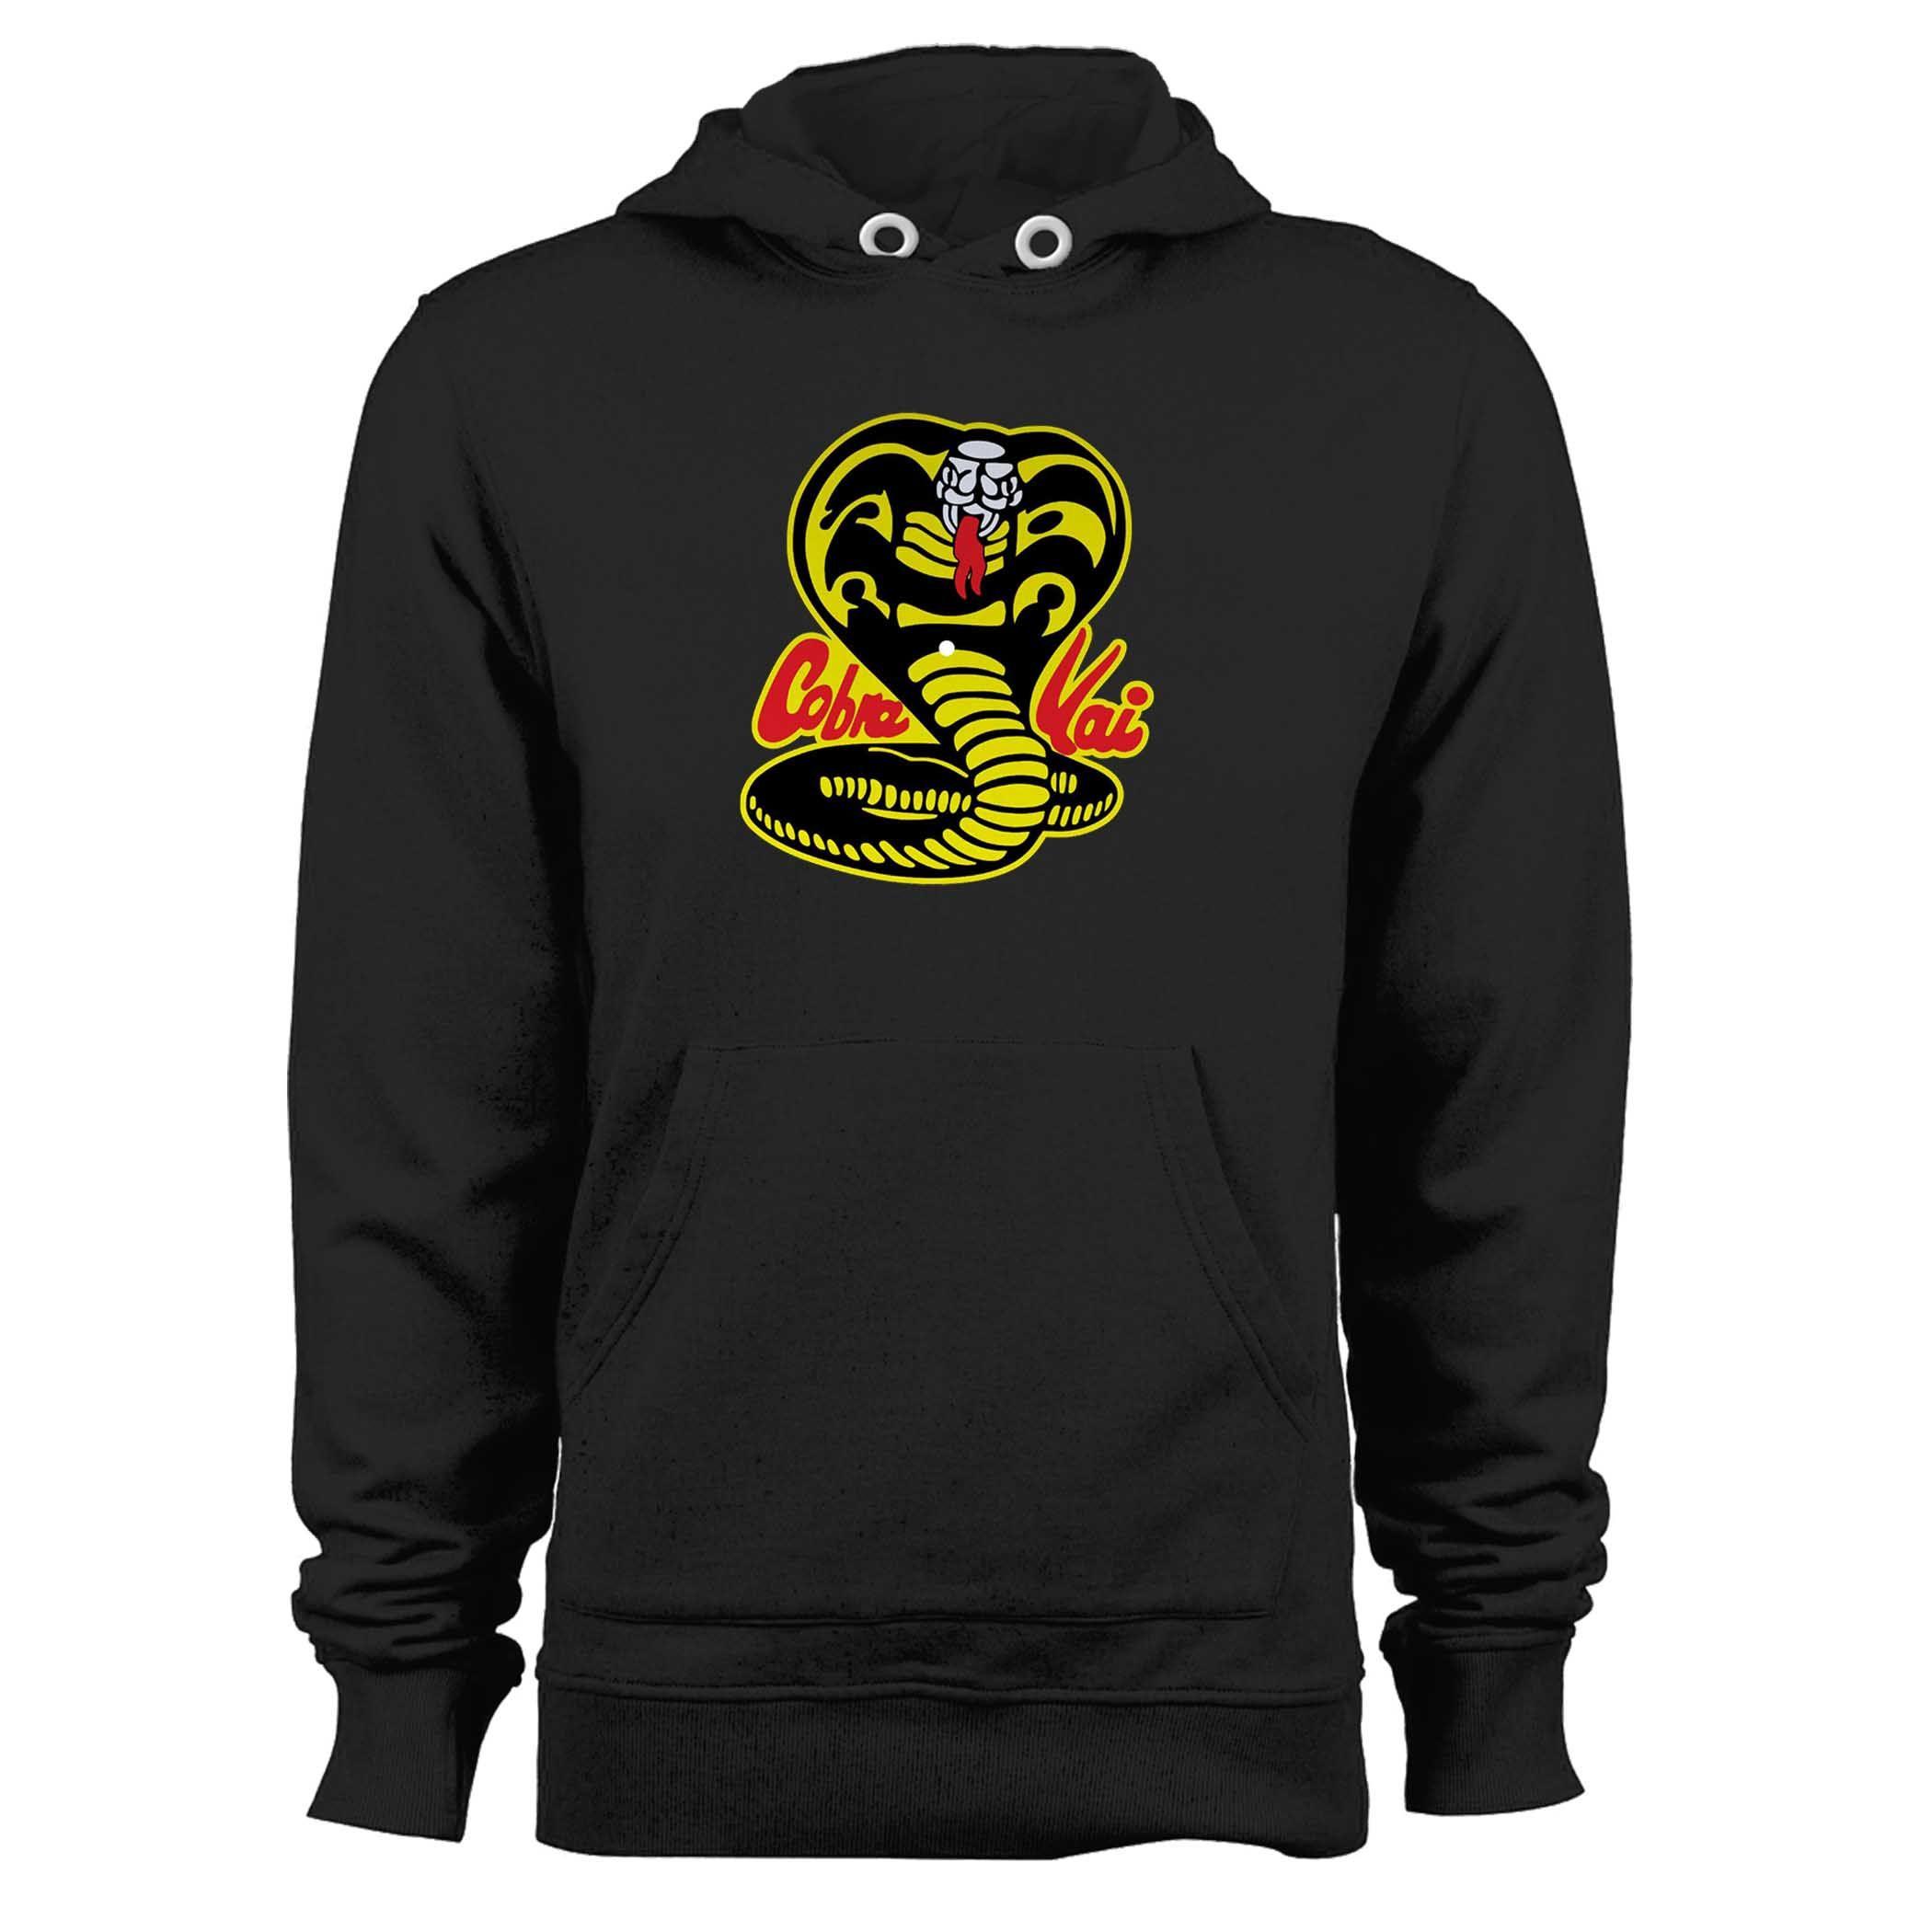 The Karate Kid Cobra Kai Logo Hoodie Karate Kid Cobra Kai Unisex Hoodies Hoodies [ 2100 x 2100 Pixel ]